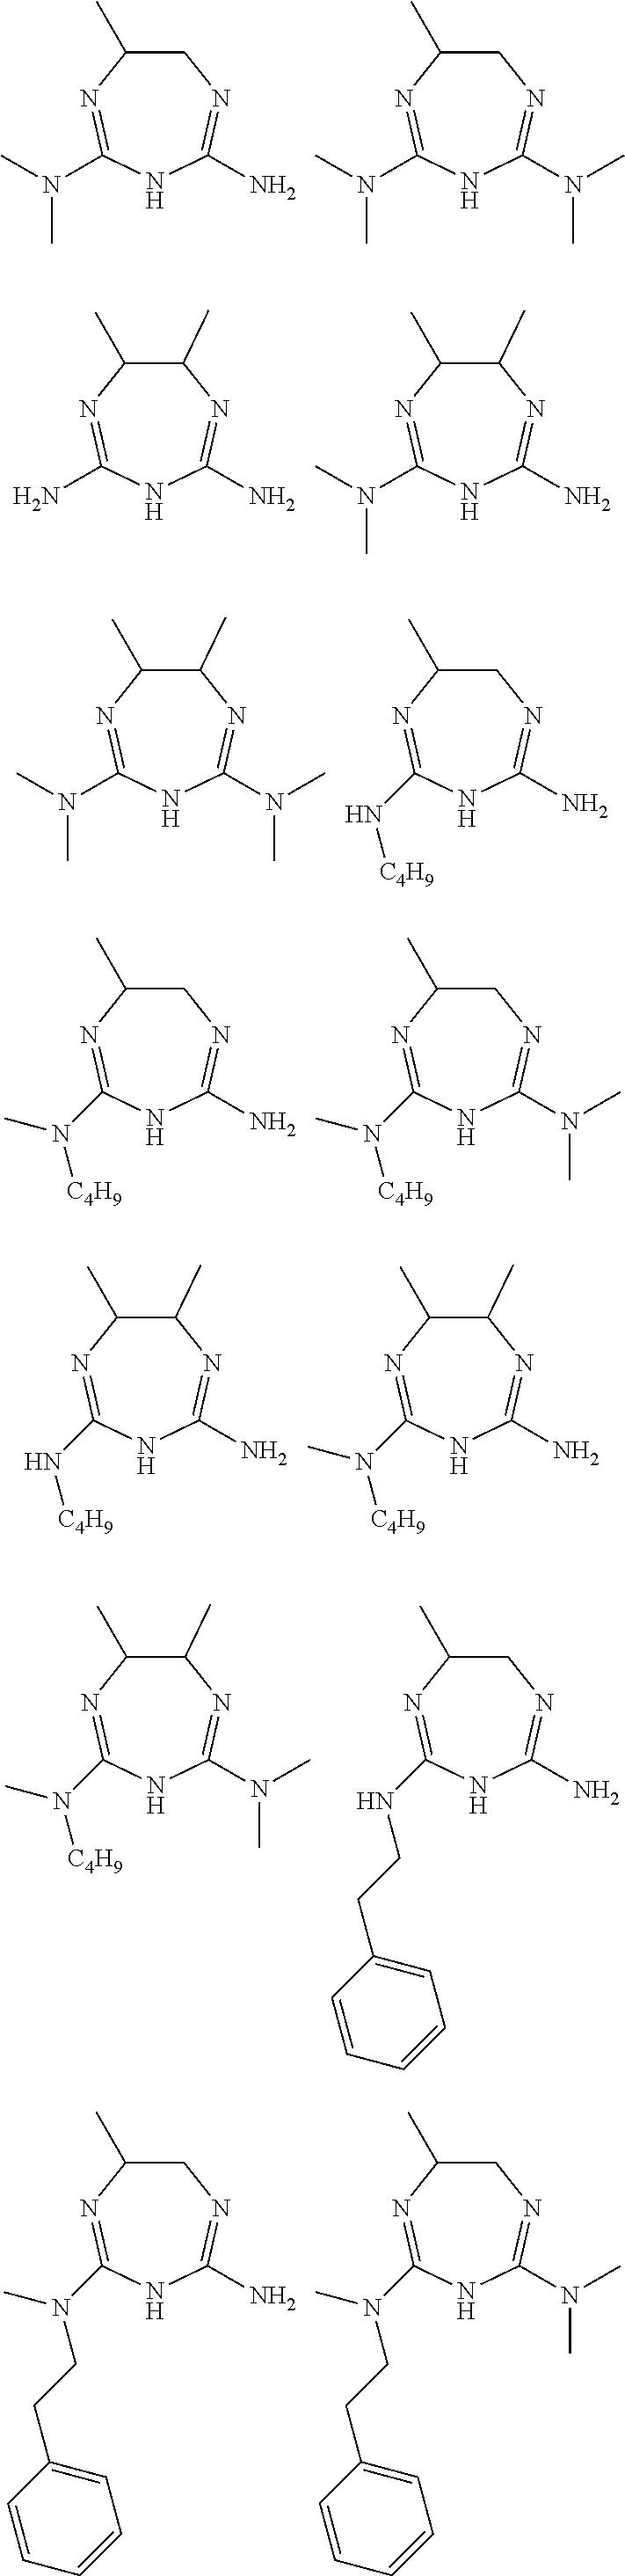 Figure US09480663-20161101-C00213